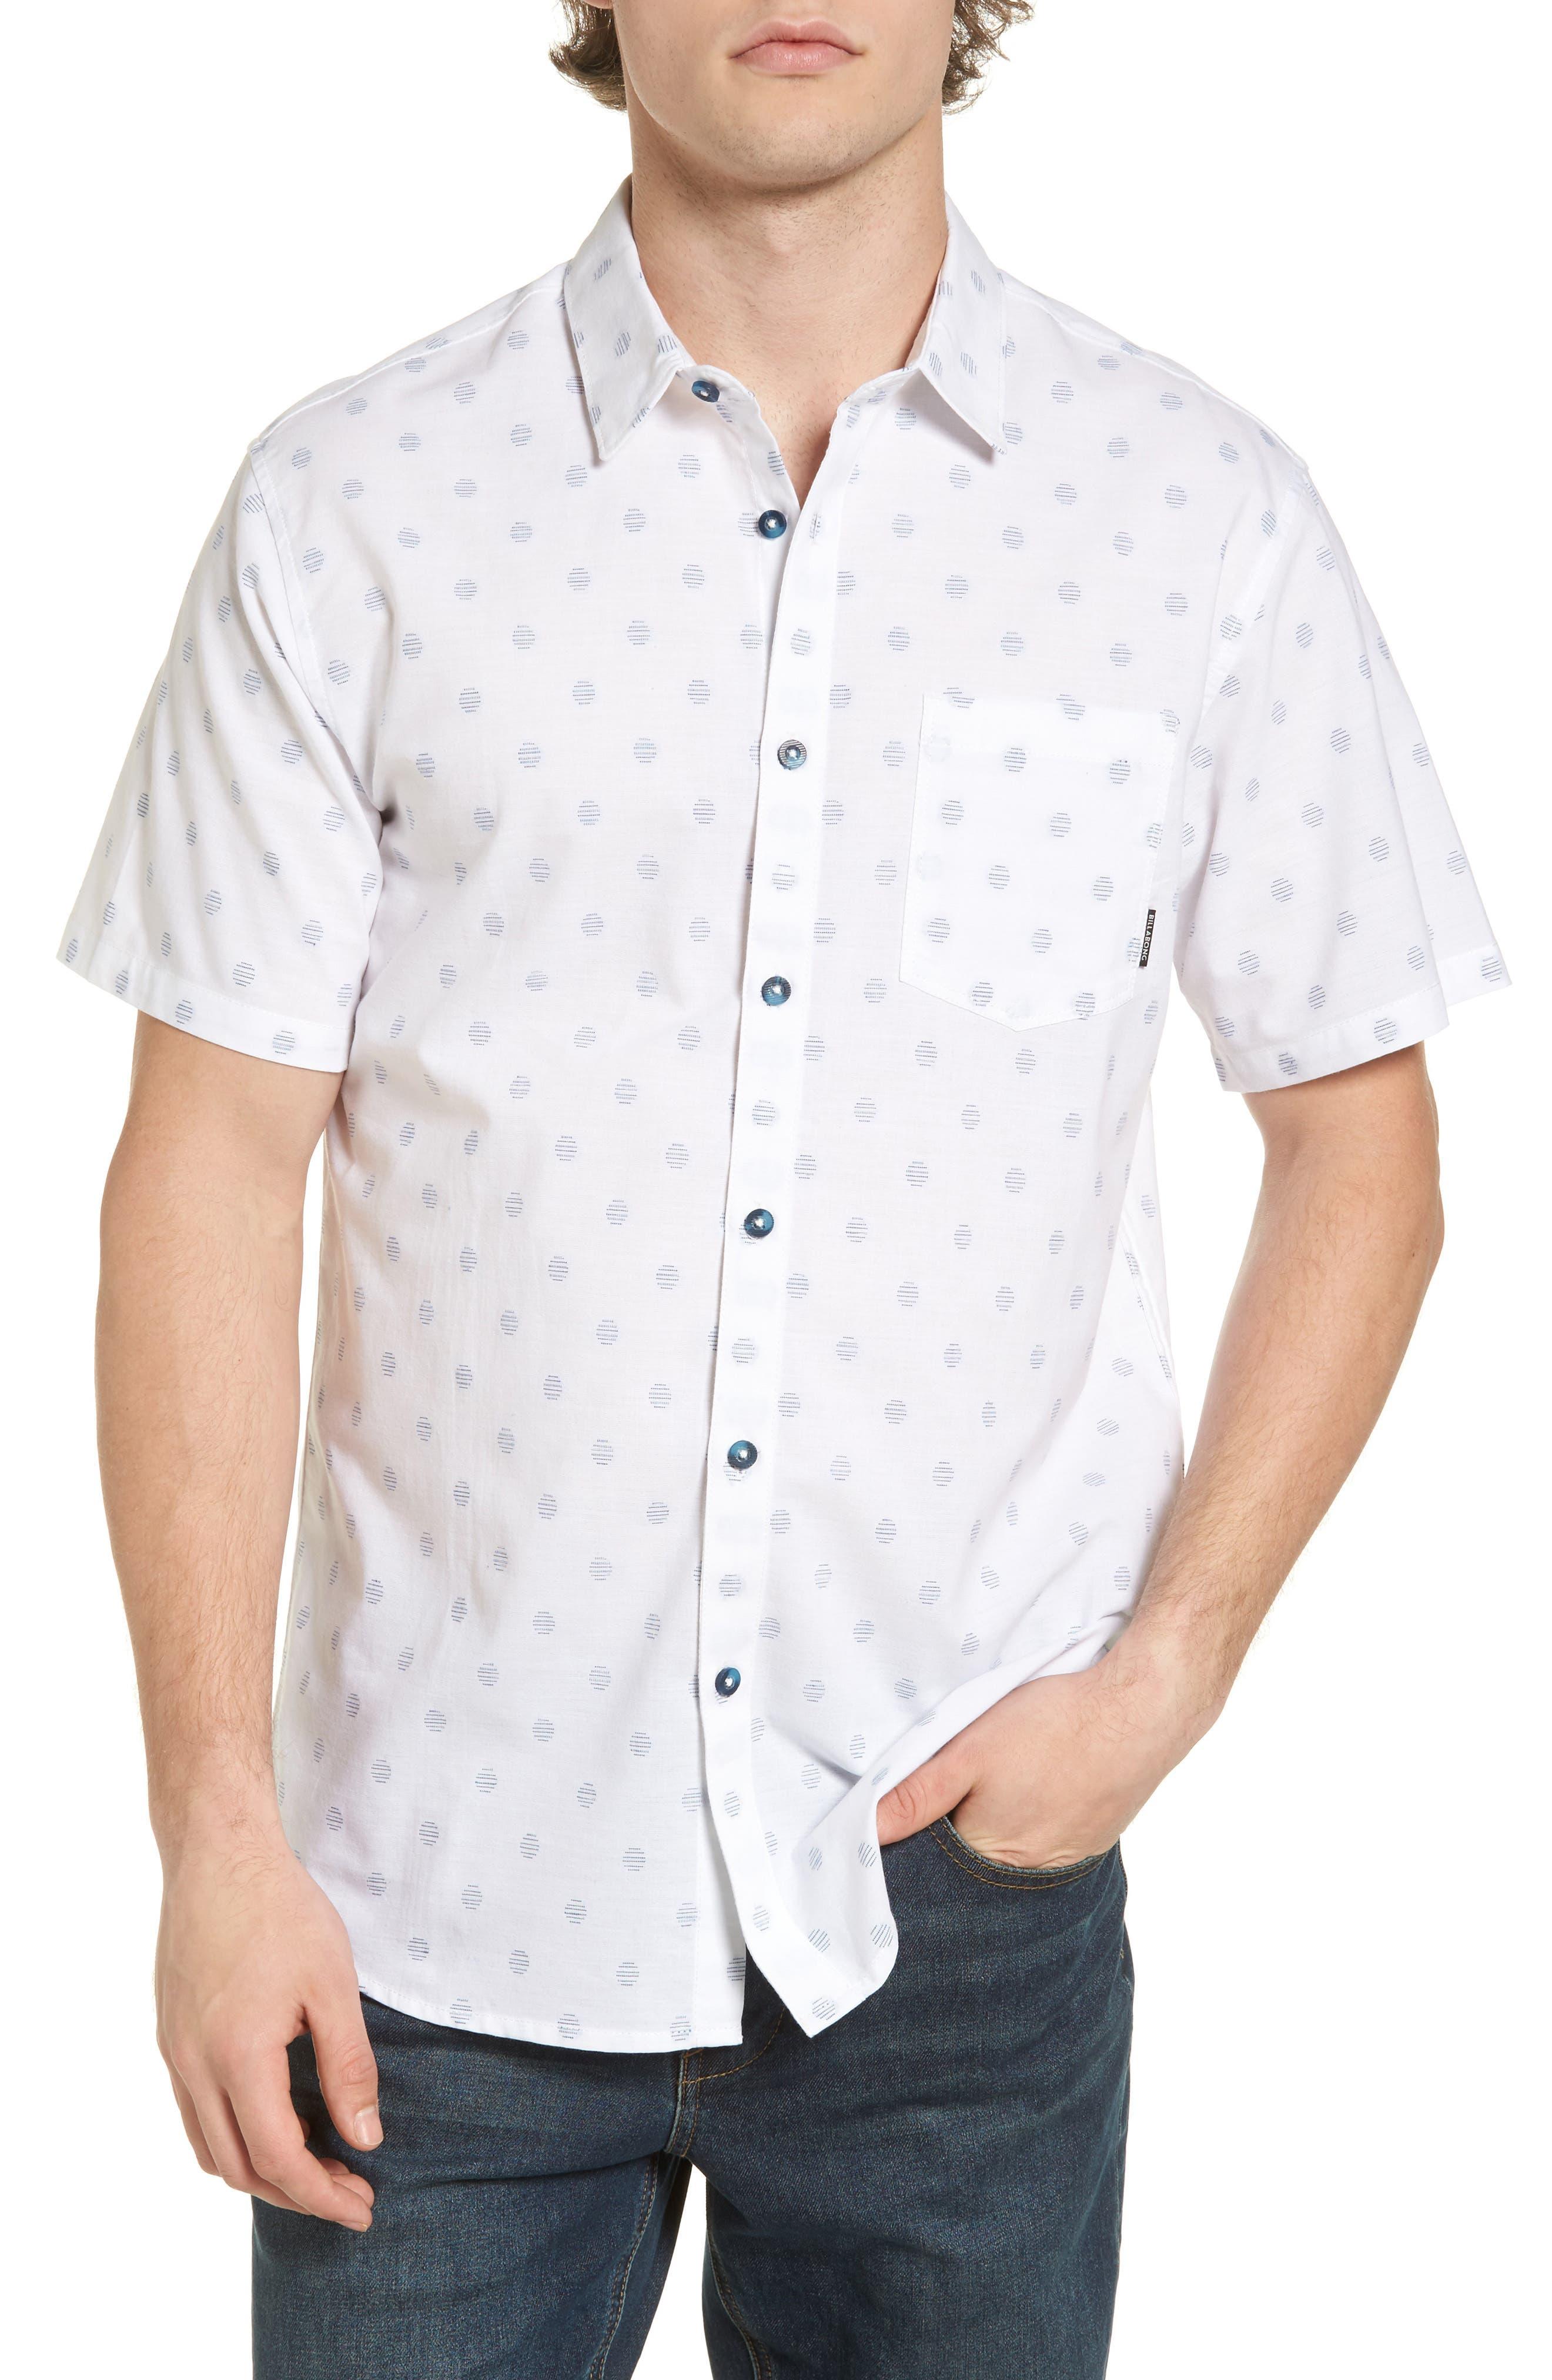 Main Image - Billabong Cruisin Dobby Woven Shirt